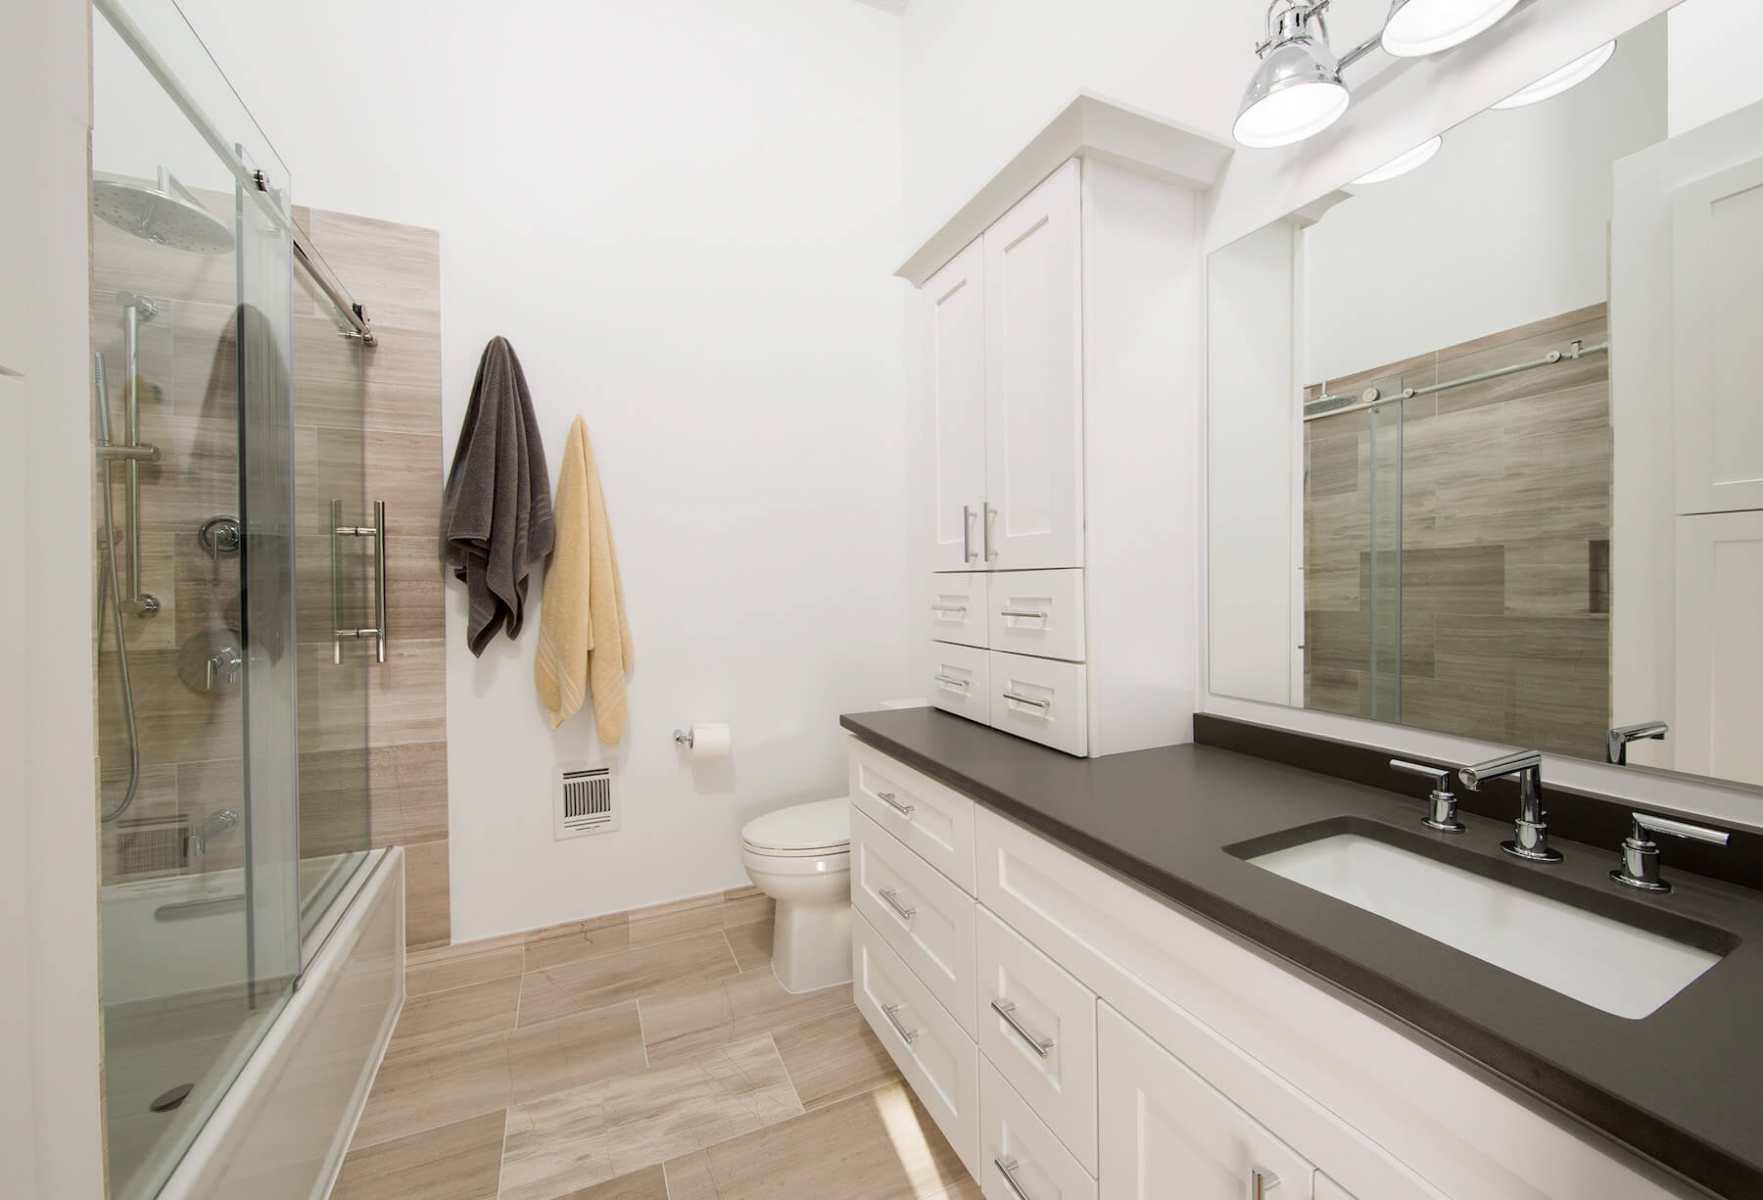 bathroom_10-19-17_799